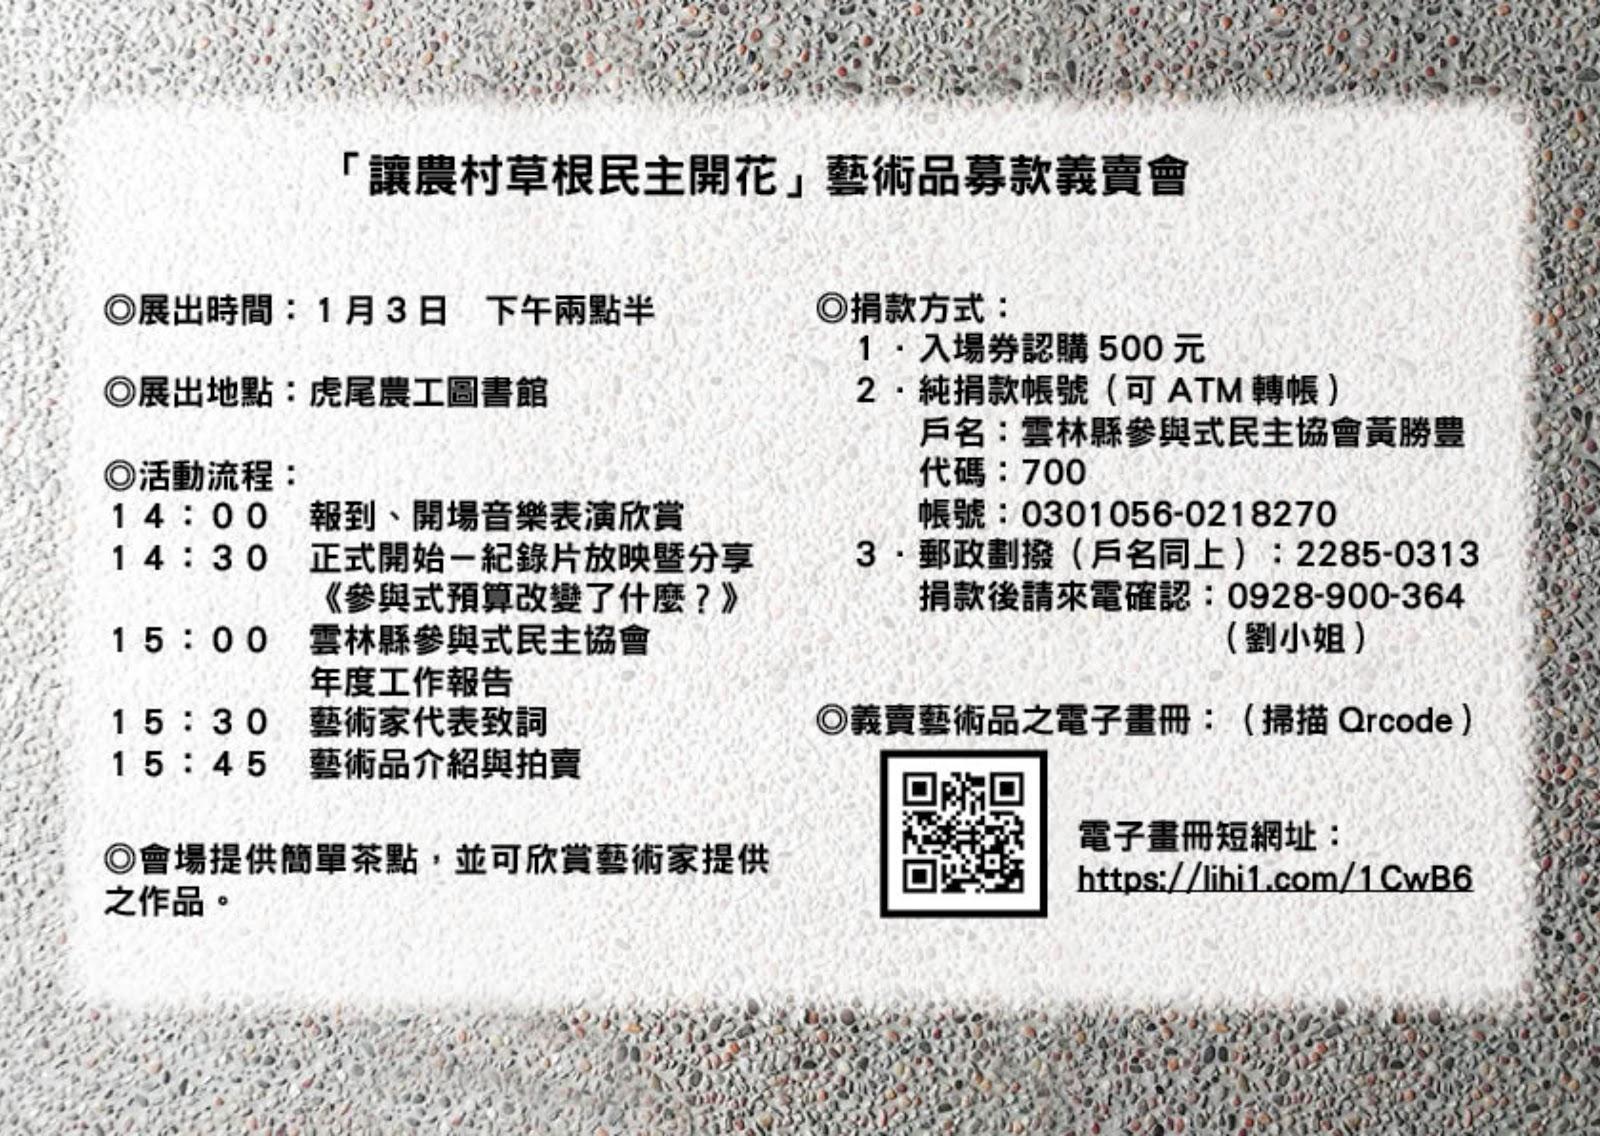 敬邀:1月3日《讓農村草根民主開花》募款義賣會